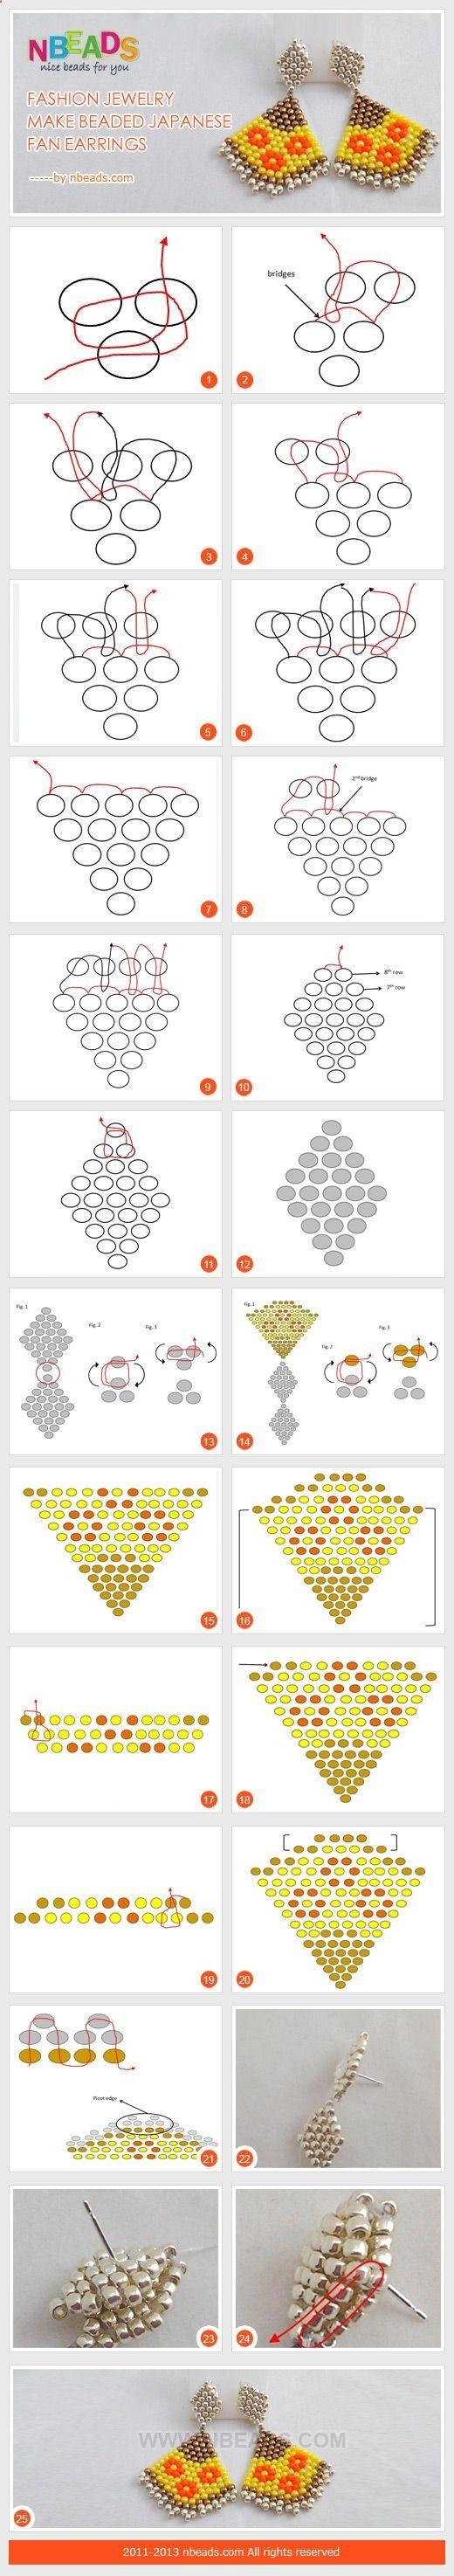 Схема плетения бисером кирпичный стежок